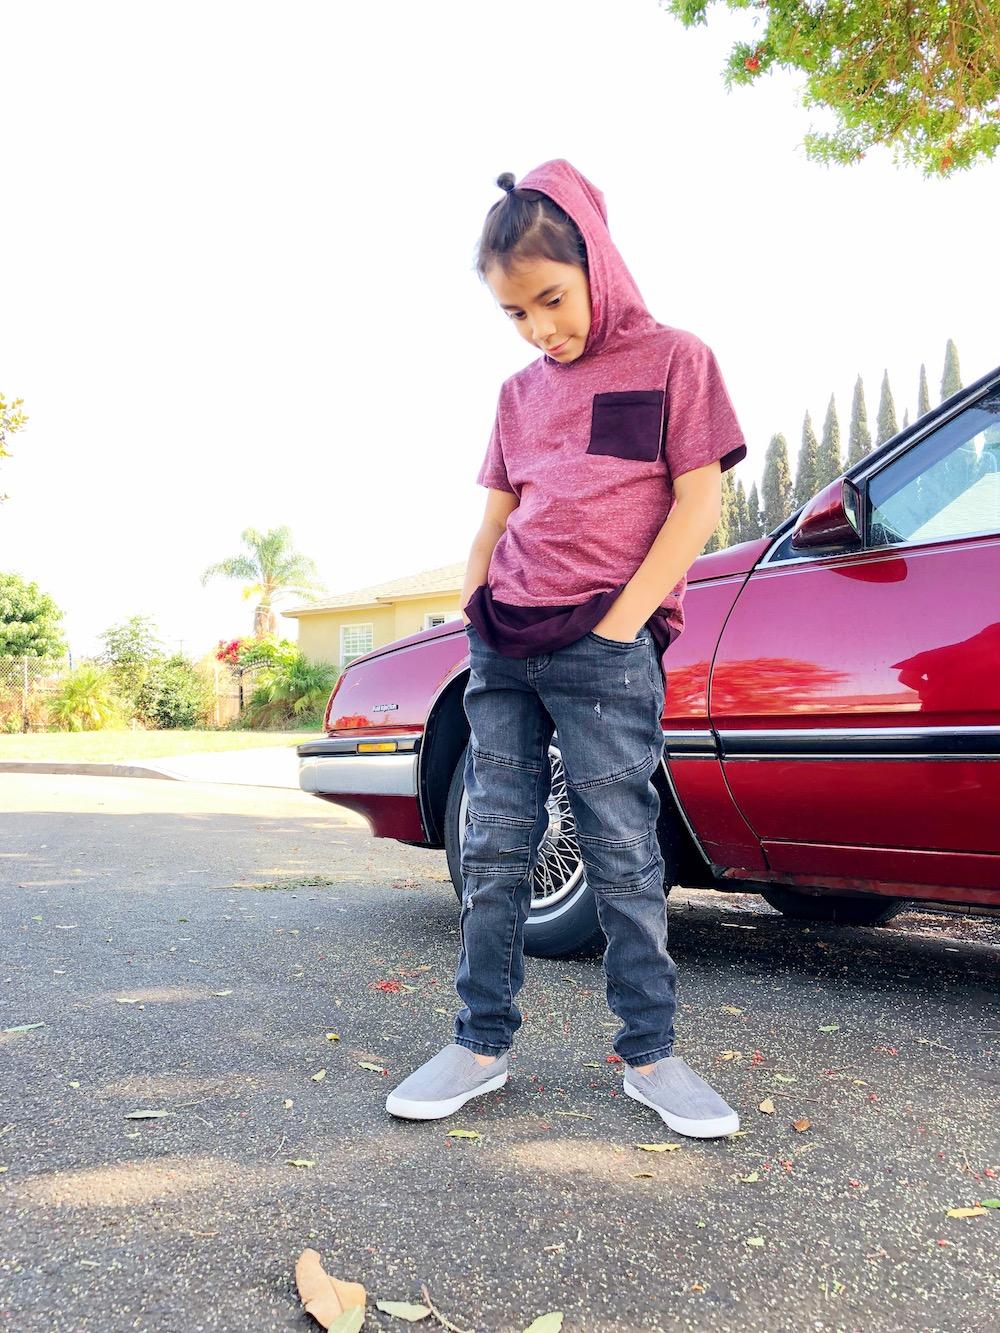 latino boy at Macy's at MainPlace Mall in Santa Ana | livingmividaloca.com | #livingmividaloca #shopmainplace #santaana #mainplacemall #macys #kidstyle #sportystyle